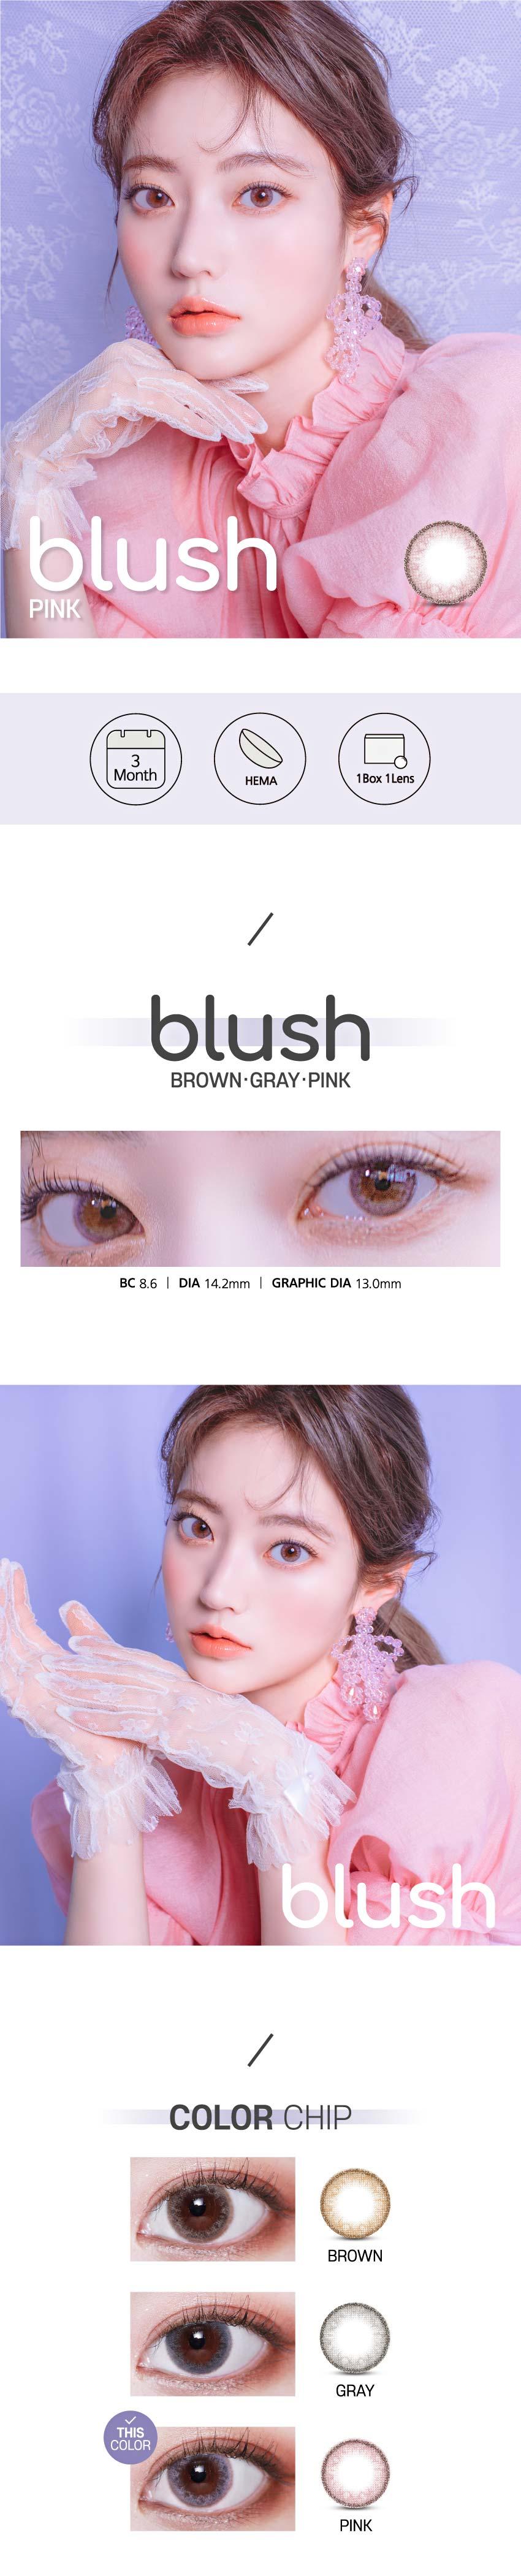 blush-pink-korean-circle-lenses1.jpg